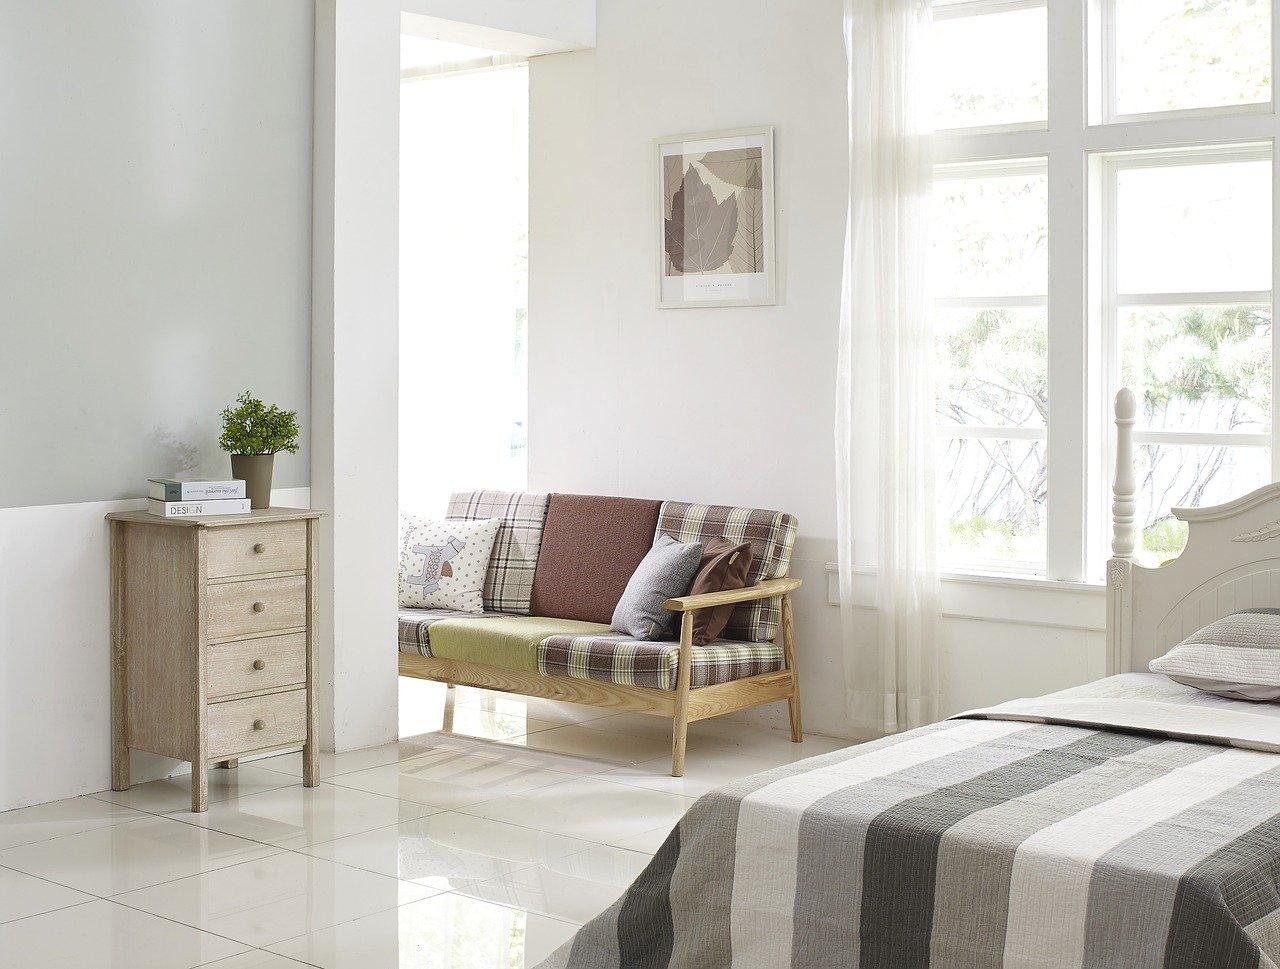 Lepszy stan deweloperski czy odkupione mieszkanie?